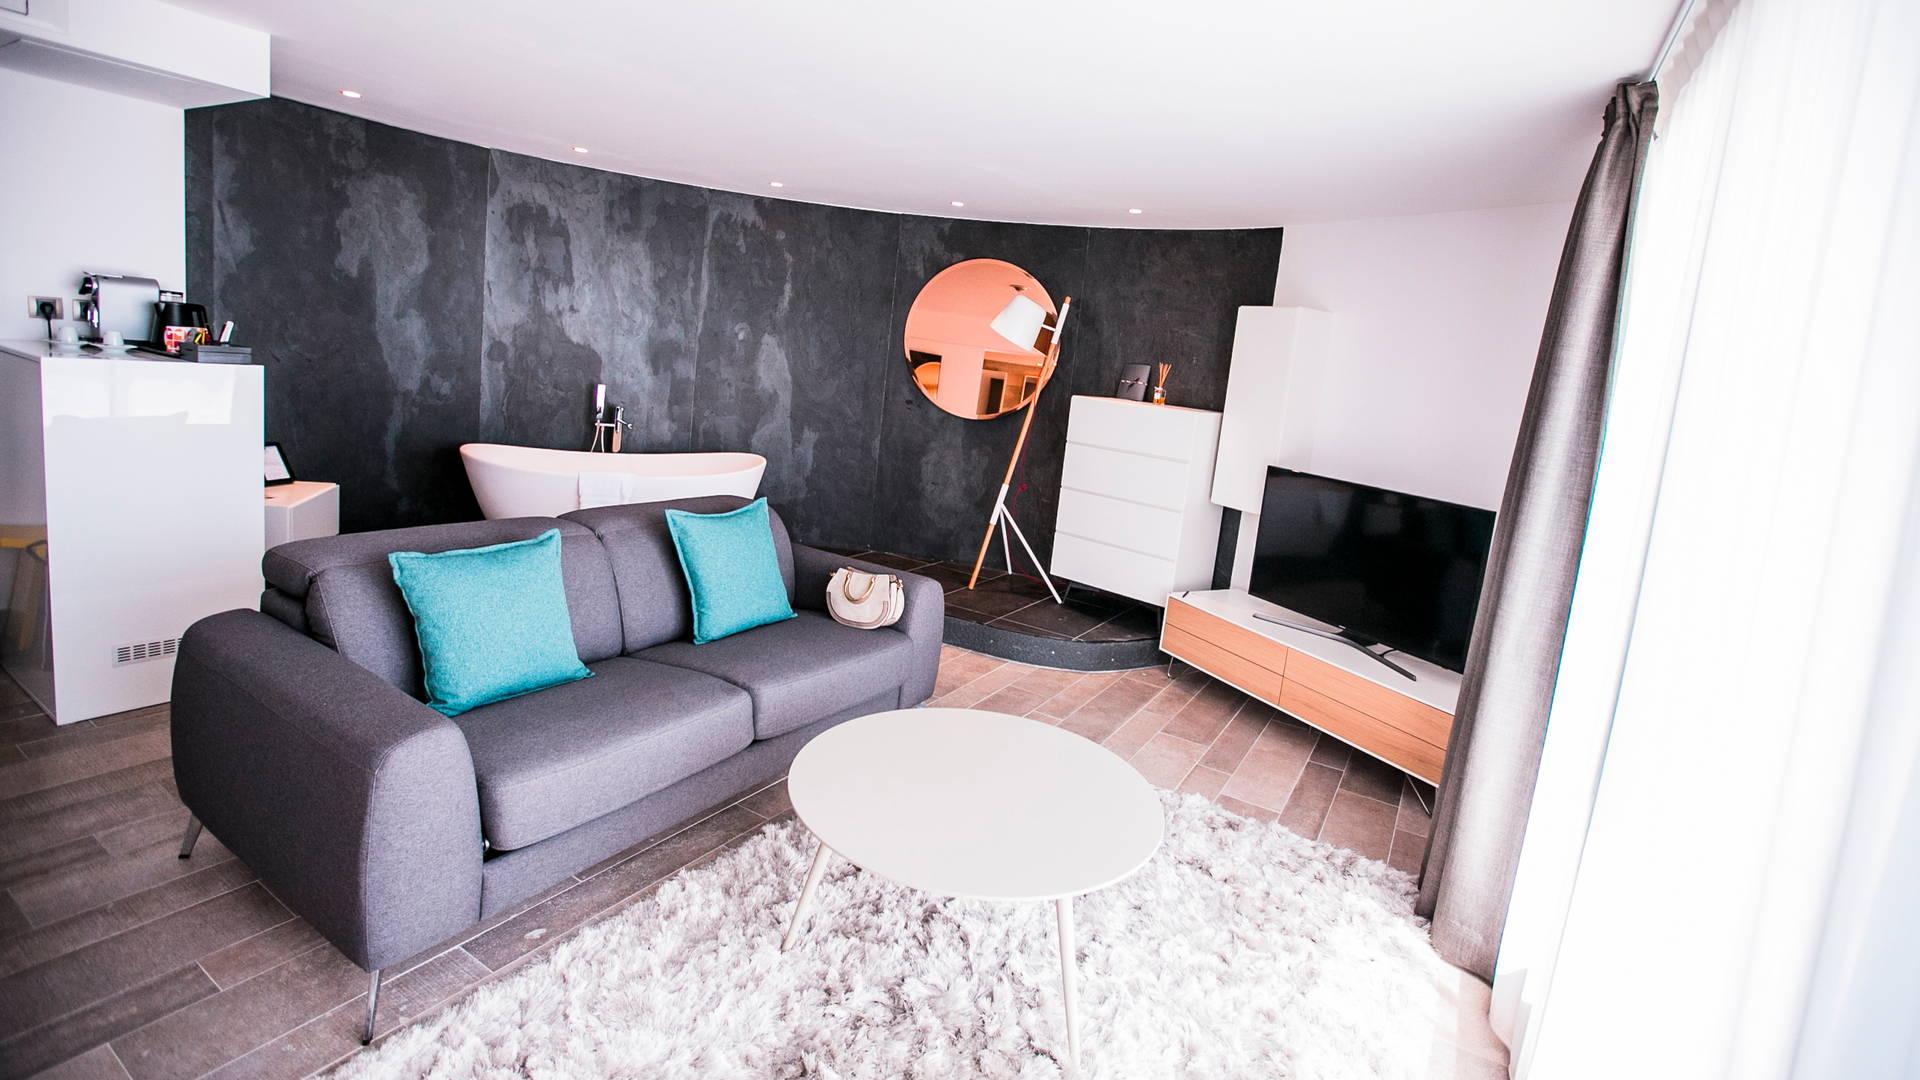 Suite La Plage avec canapé, télévision et baignoire dans le salon, Hôtel bord de mer méditerranée, Hôtel La Plage.